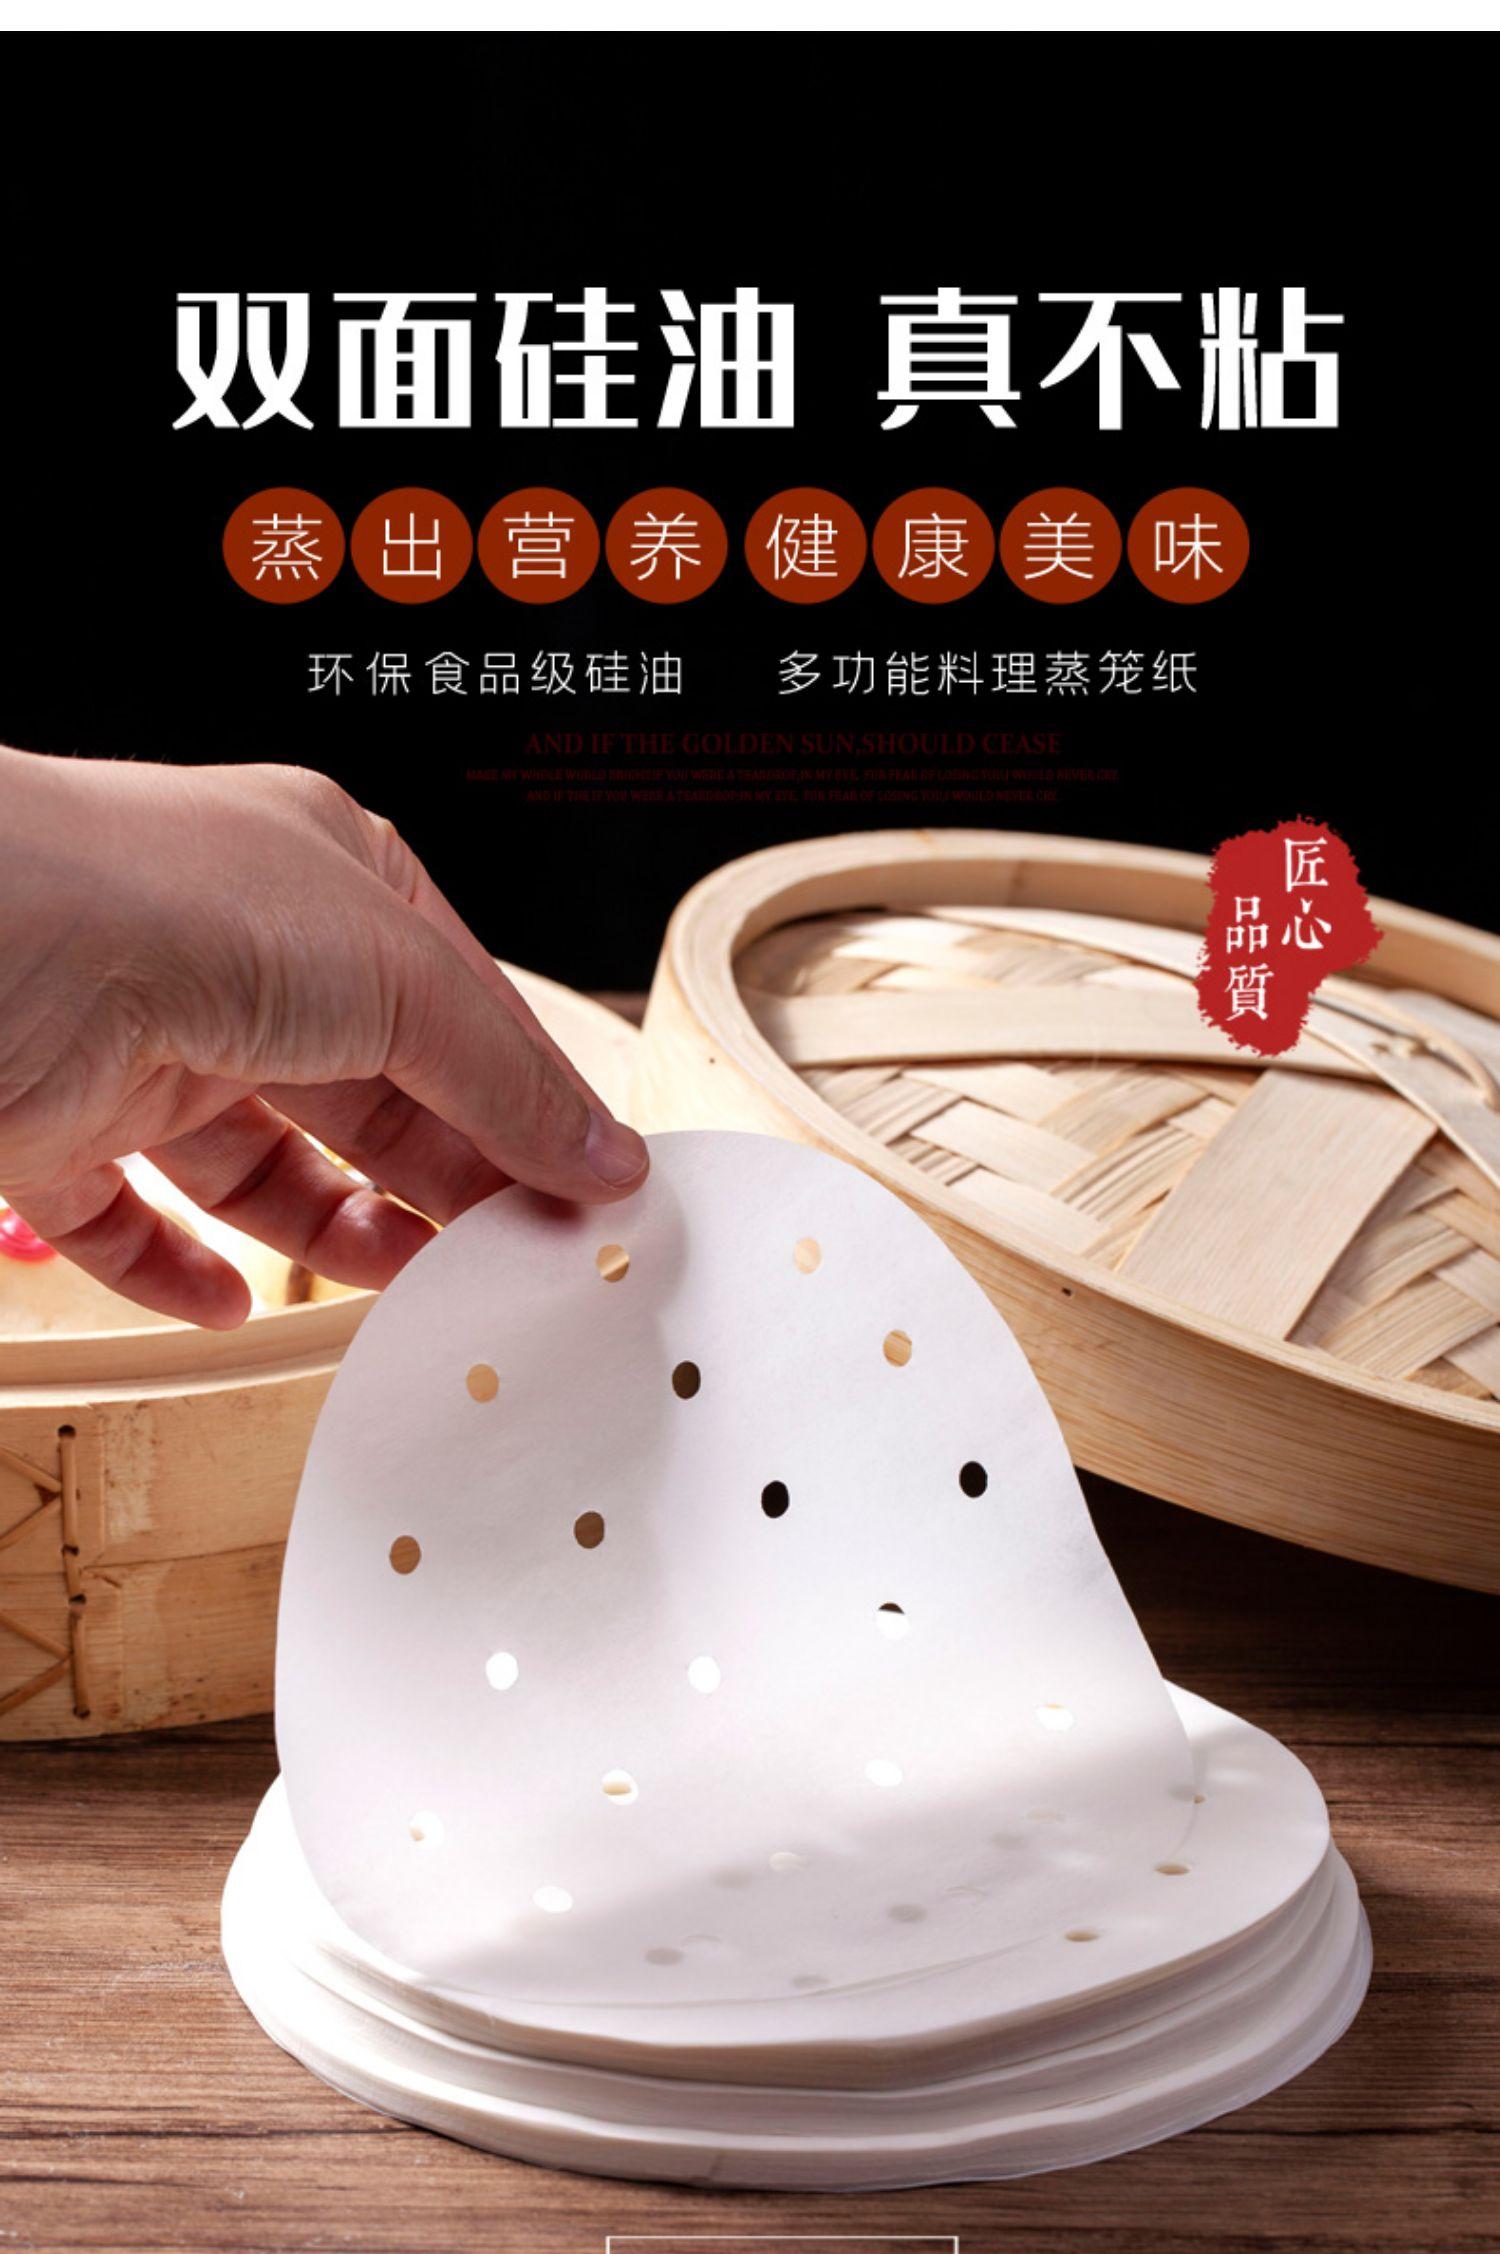 马大帅蒸笼纸不粘油纸圆形包子纸馒头纸垫一次性家用笼屉布蒸锅纸商品详情图